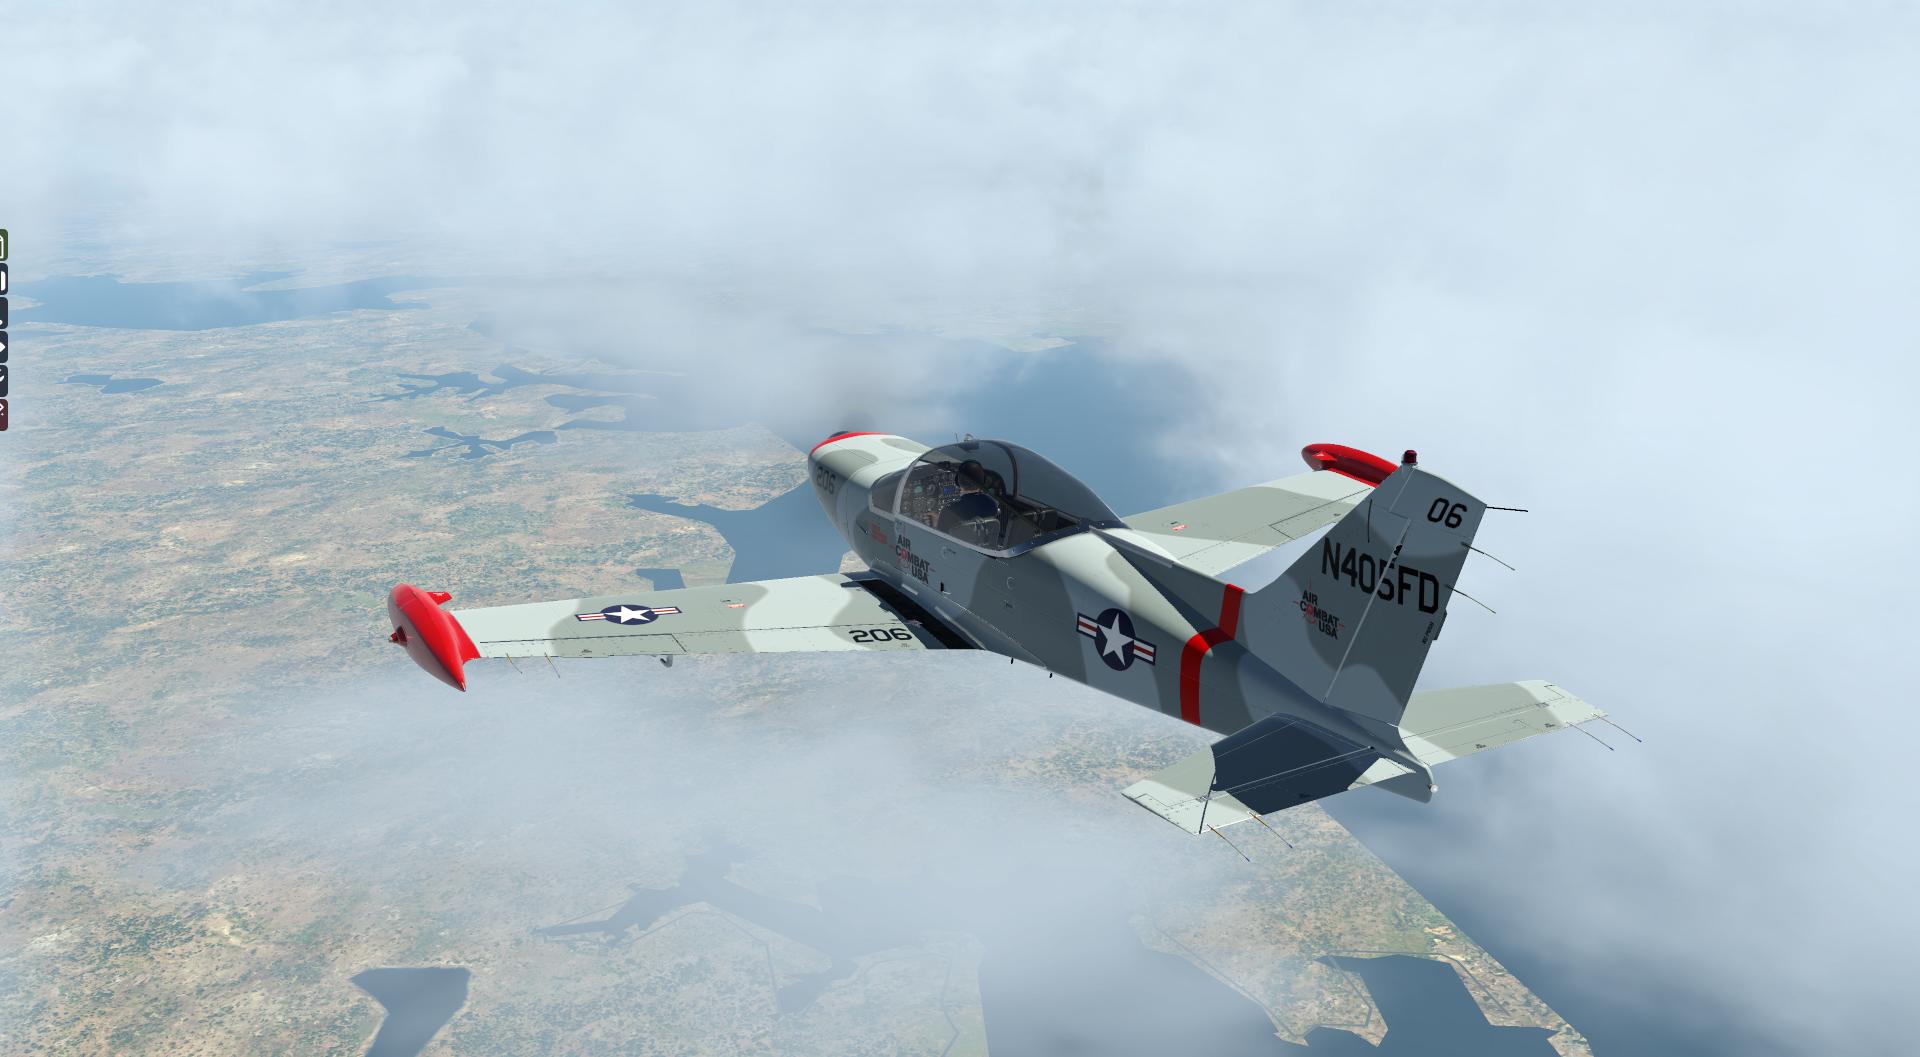 Cómo instalar plugins en X-Plane 10 y 11